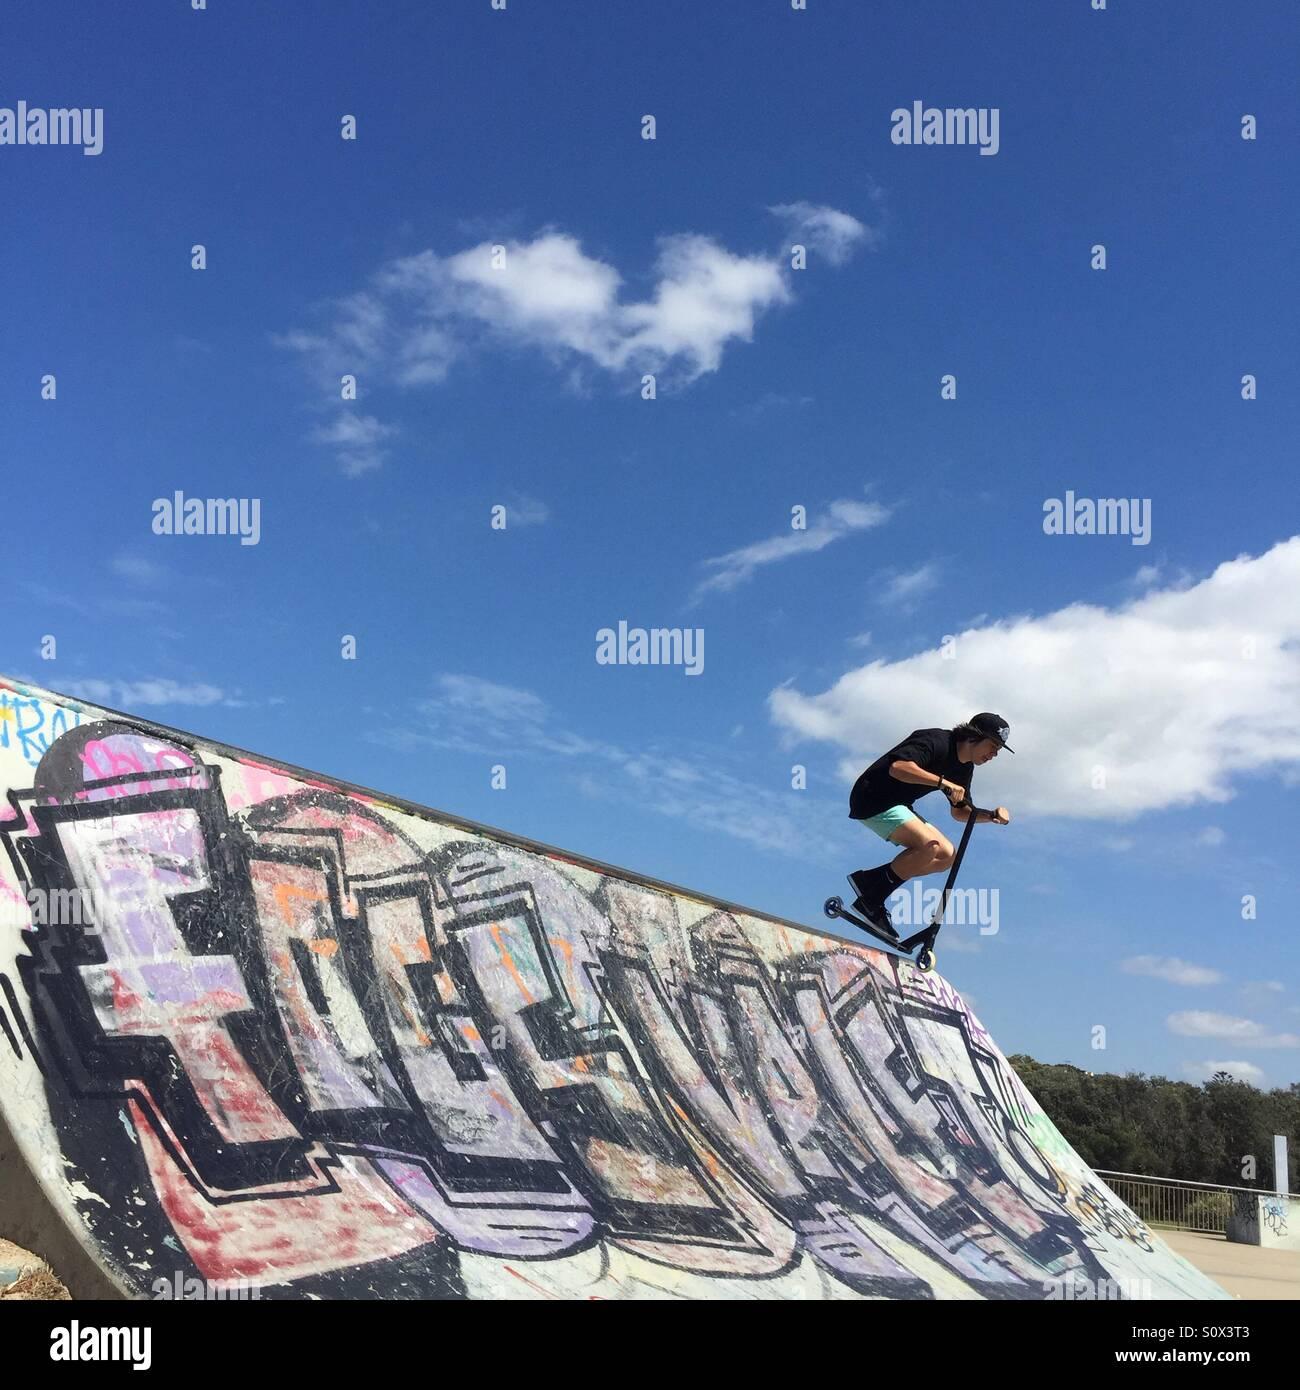 Adolescente scooter di equitazione su skate park Immagini Stock